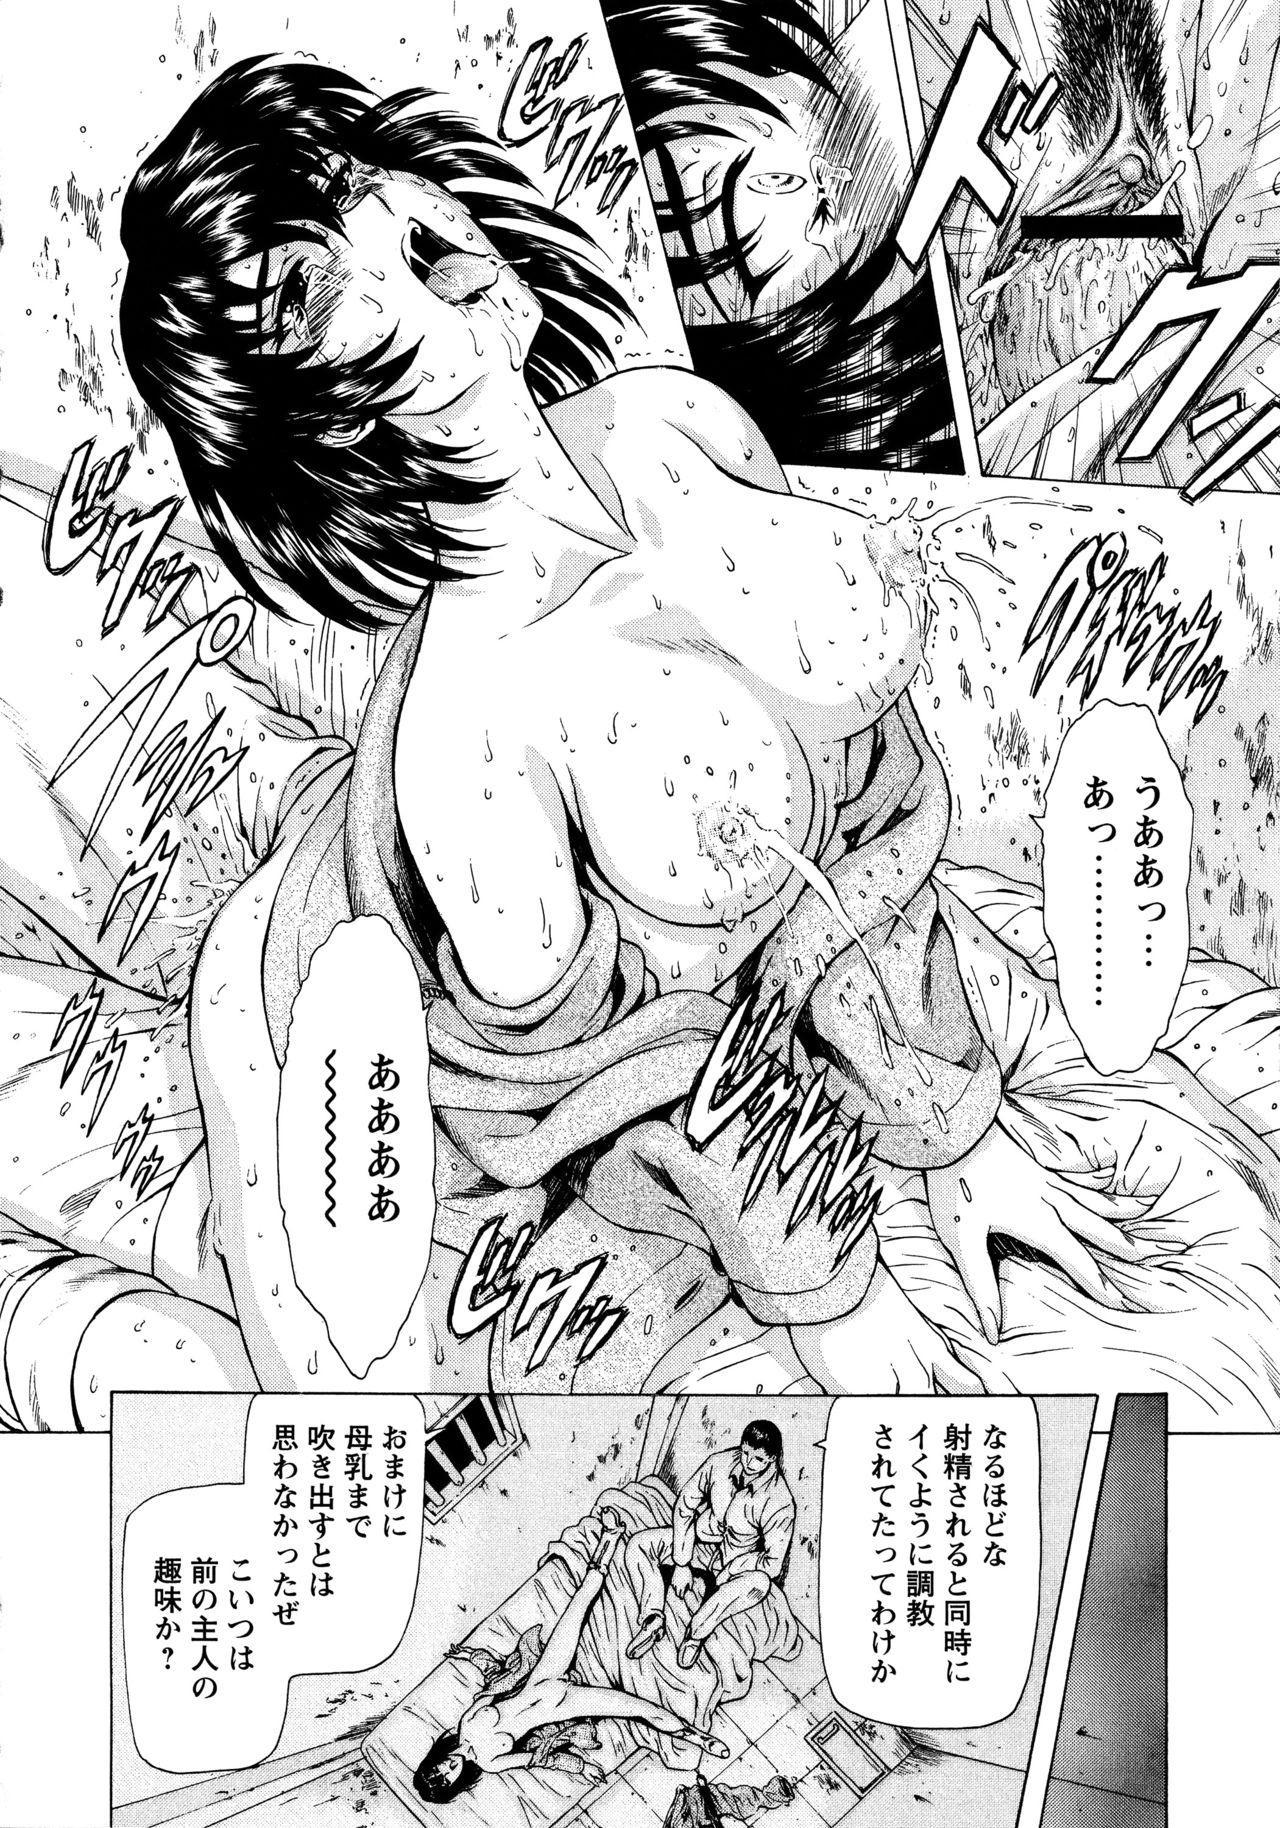 Ginryuu no Reimei Vol. 1 51